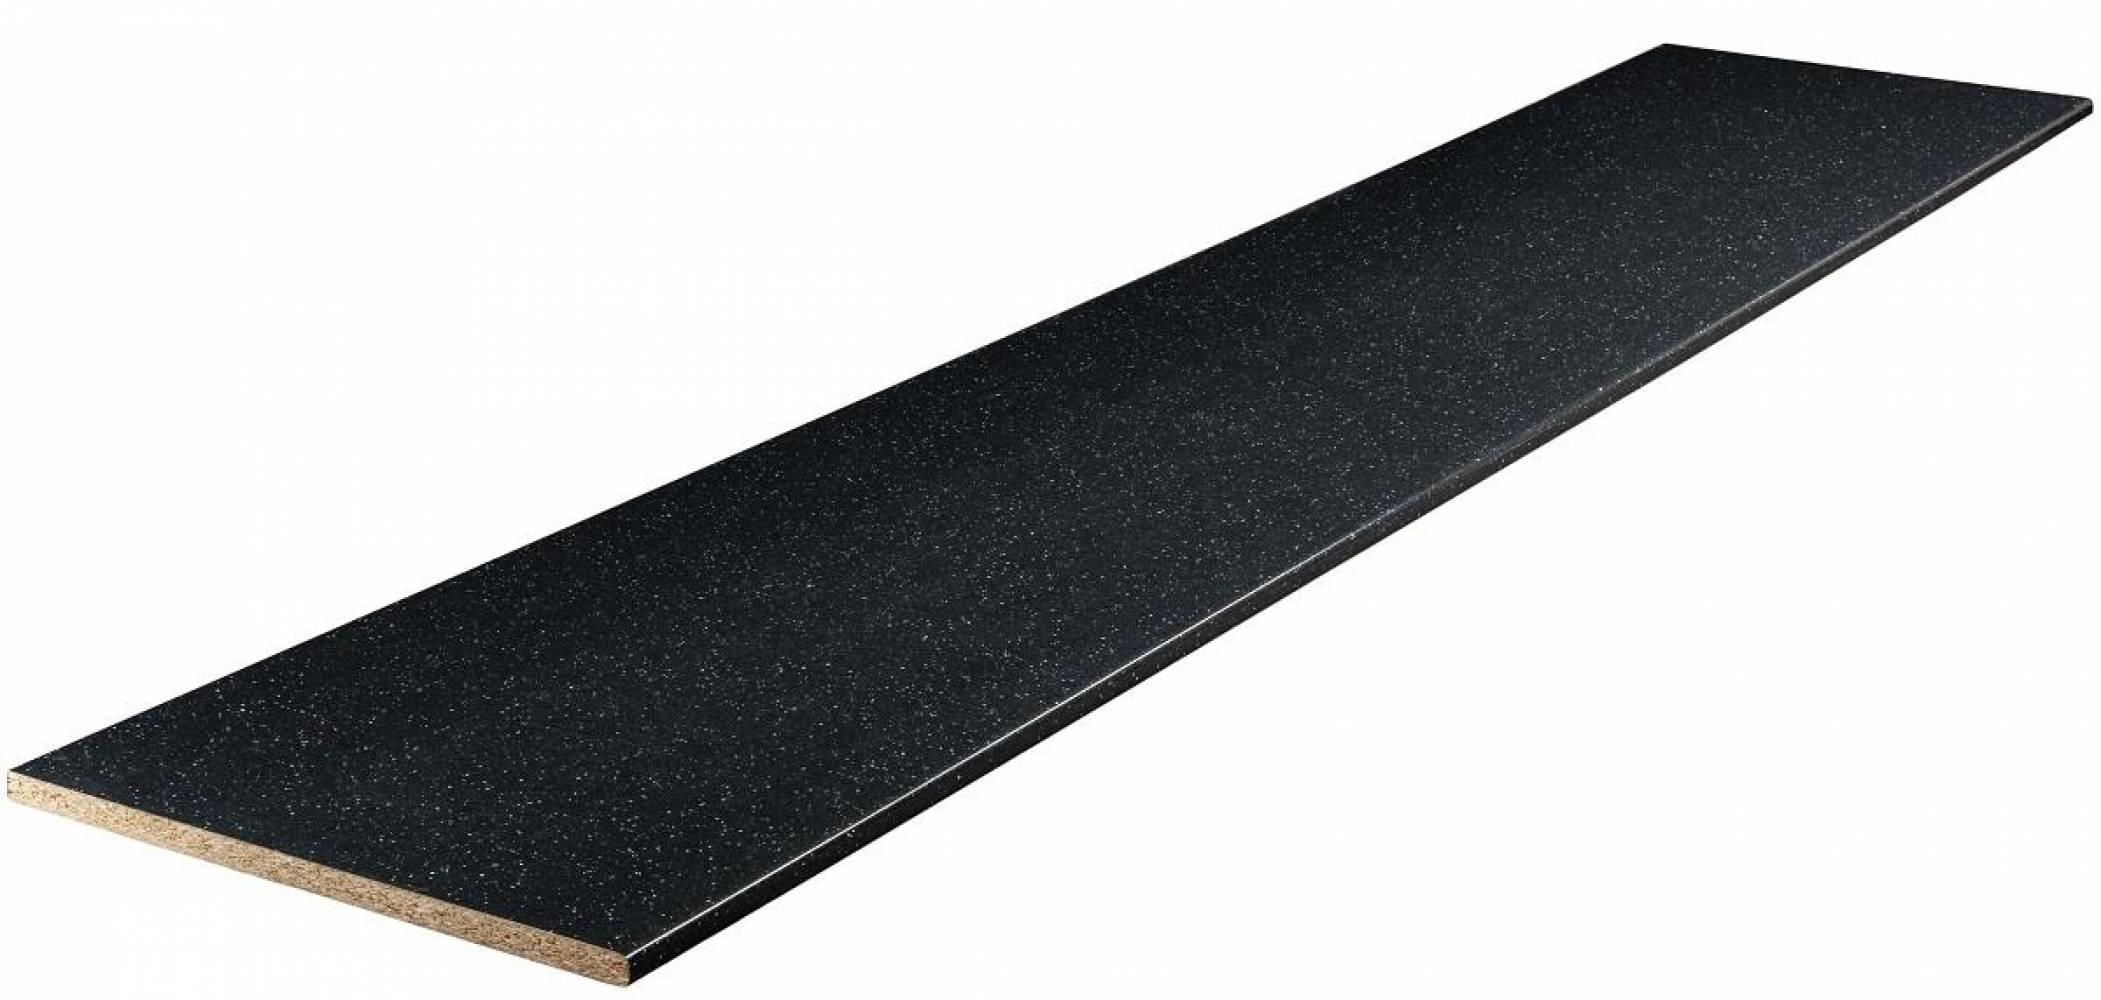 Столешница № 56 ГЛ Ледяная искра темная 38 мм Глянцевая Скиф, цена  за пог/метр